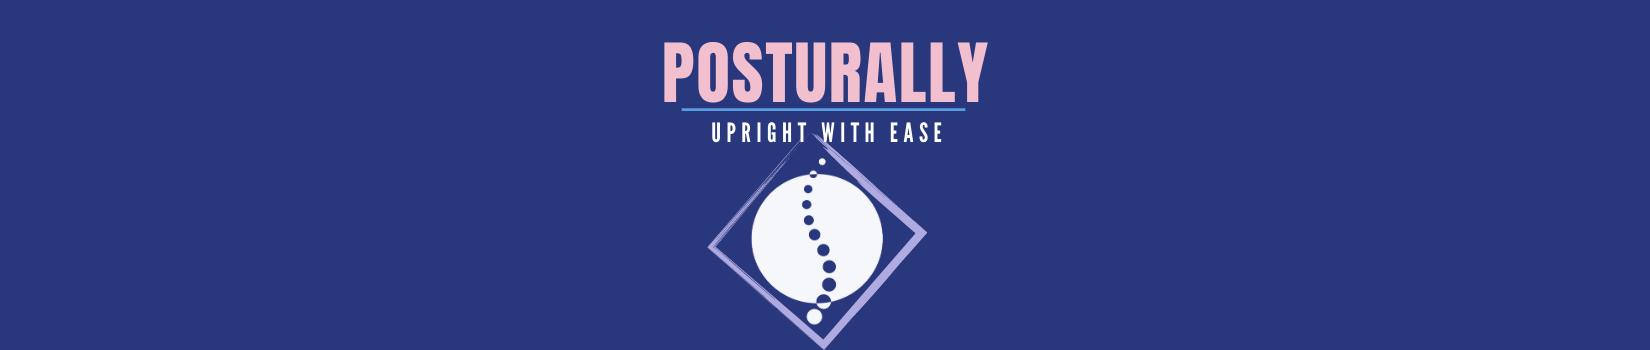 Posturally